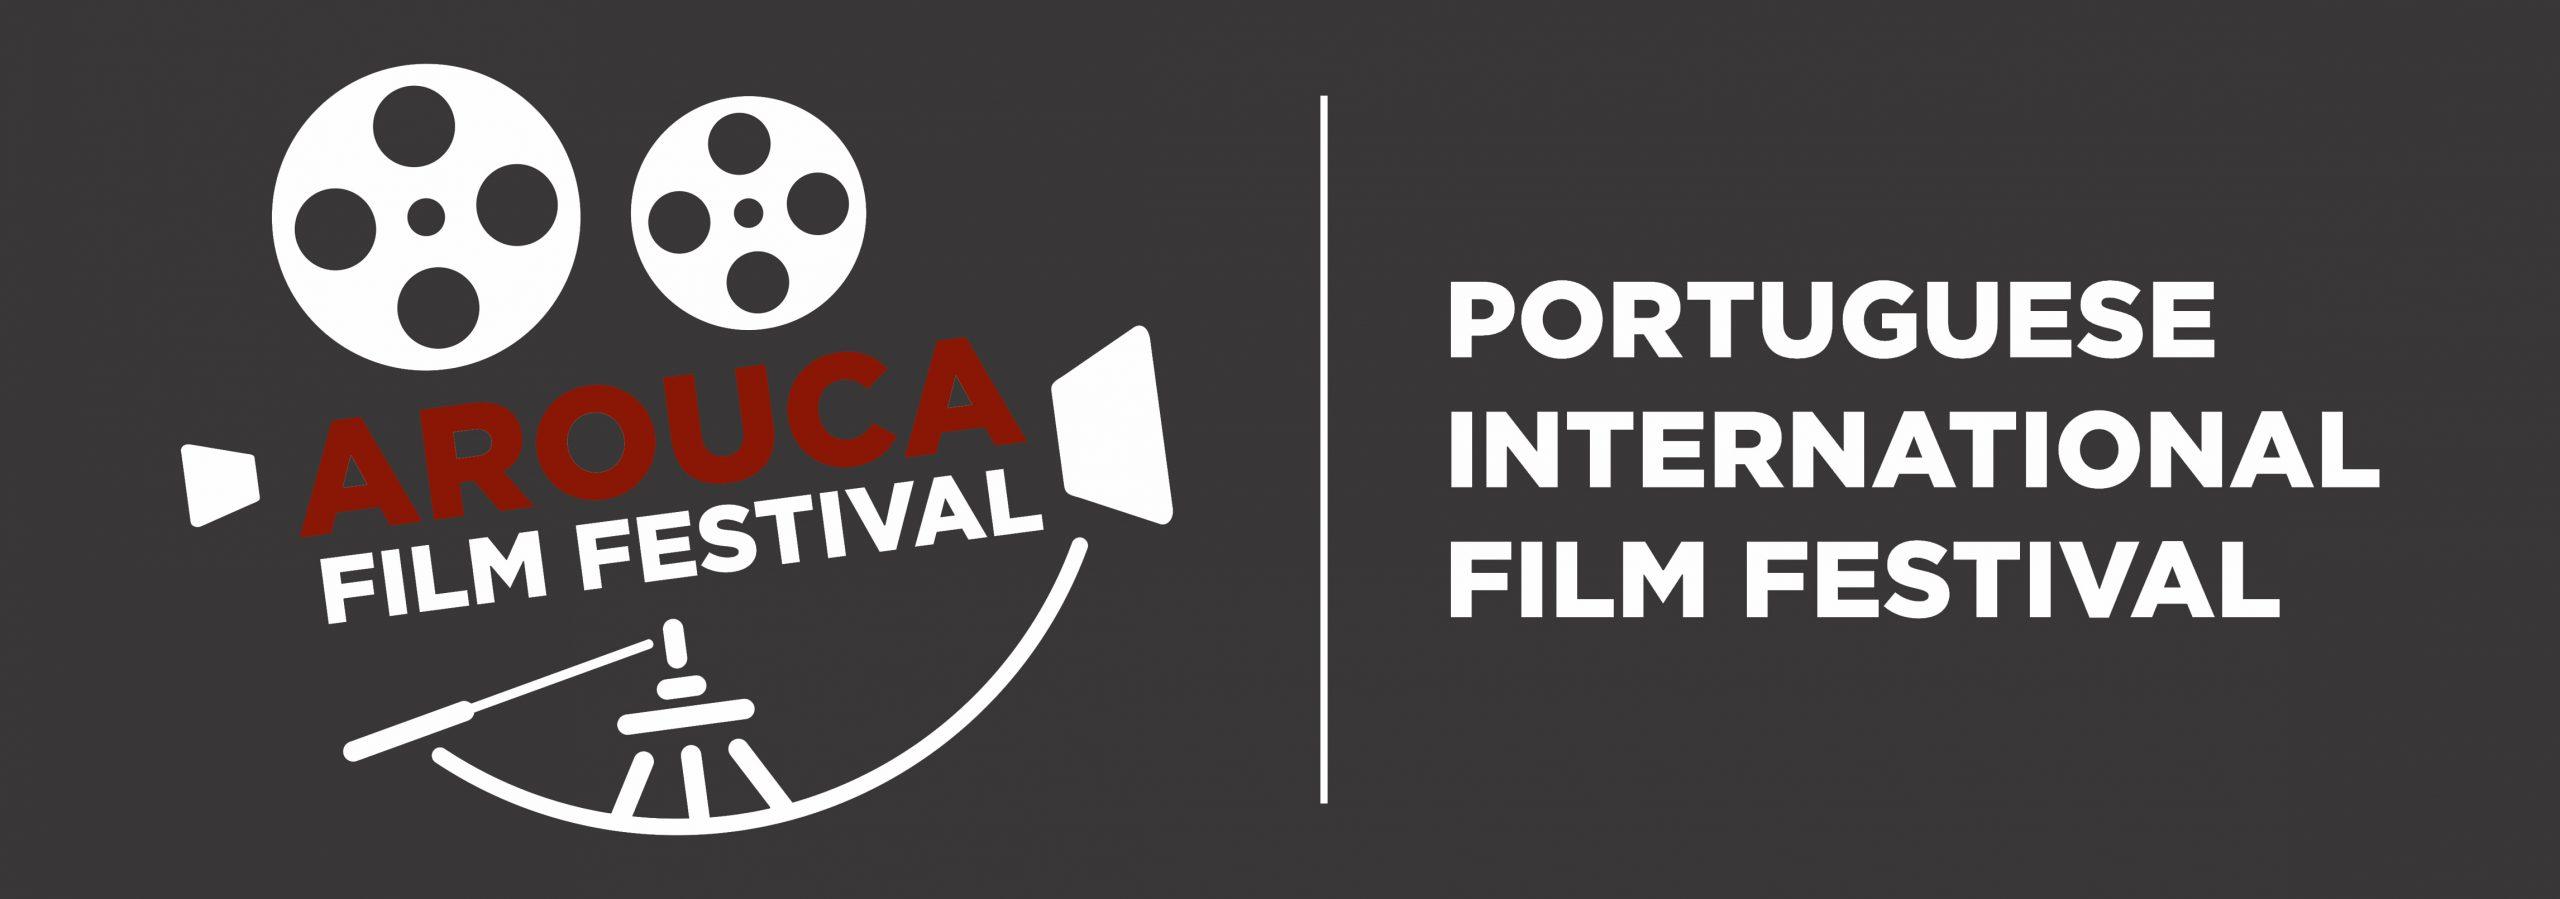 Arouca Film Festival